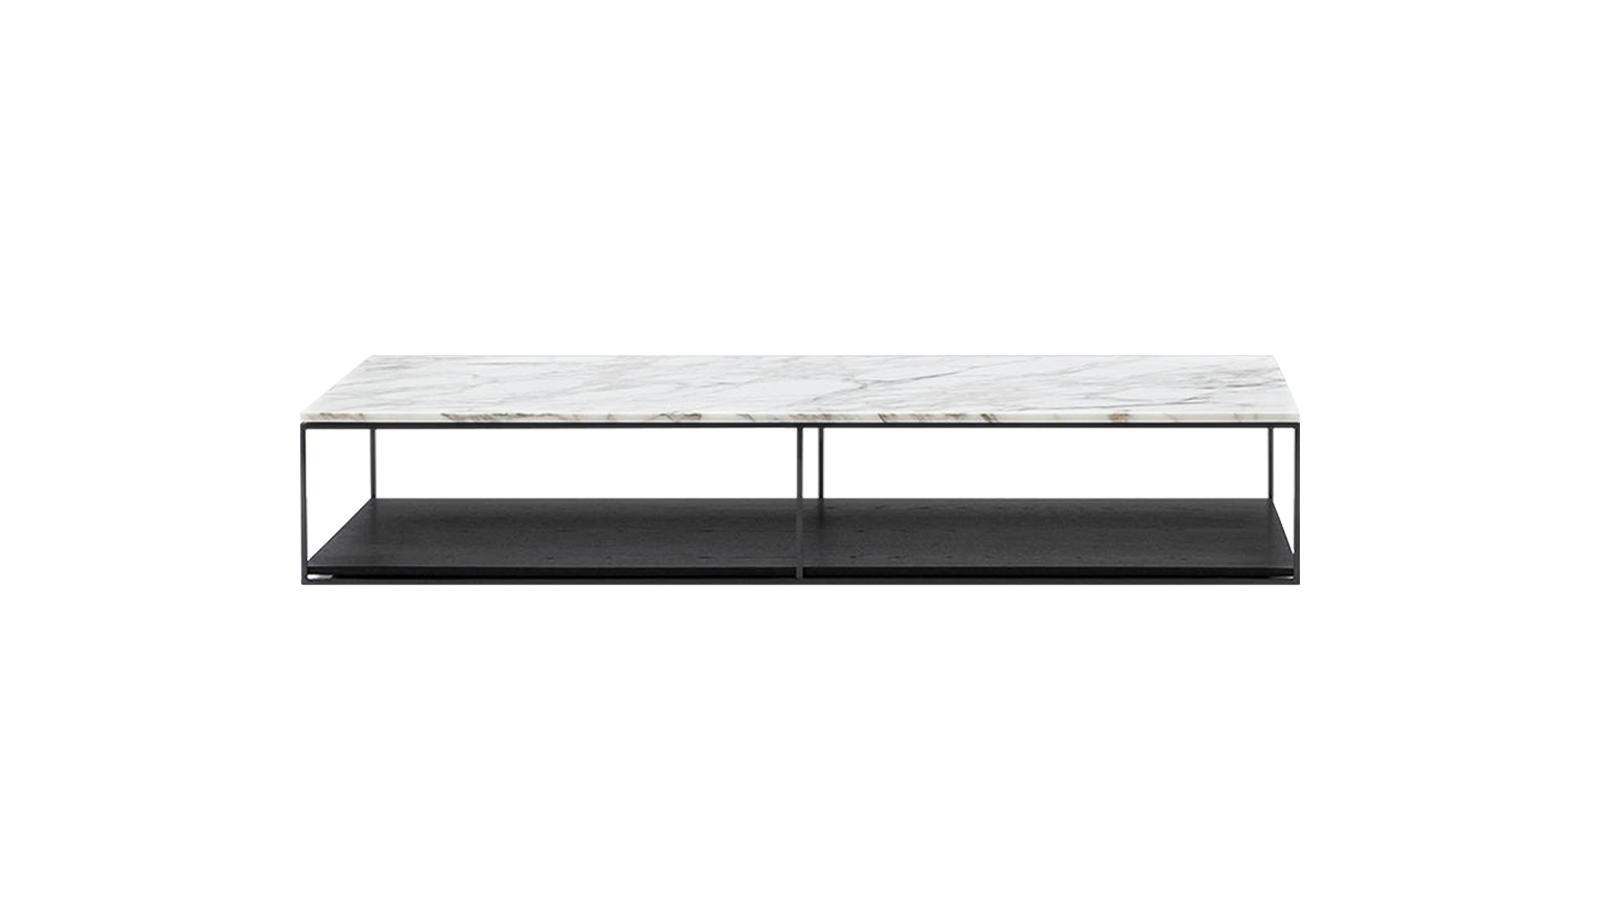 A Liam asztalcsalád letisztult formavilága, kifinomult anyagválasztéka és visszafogott vonalvezetése építészeti megközelítésről árulkodik. A különböző méretekben elérhető asztalok egymás kiegészítőjeként és önmagukban is lenyűgöző látványt nyújtanak.